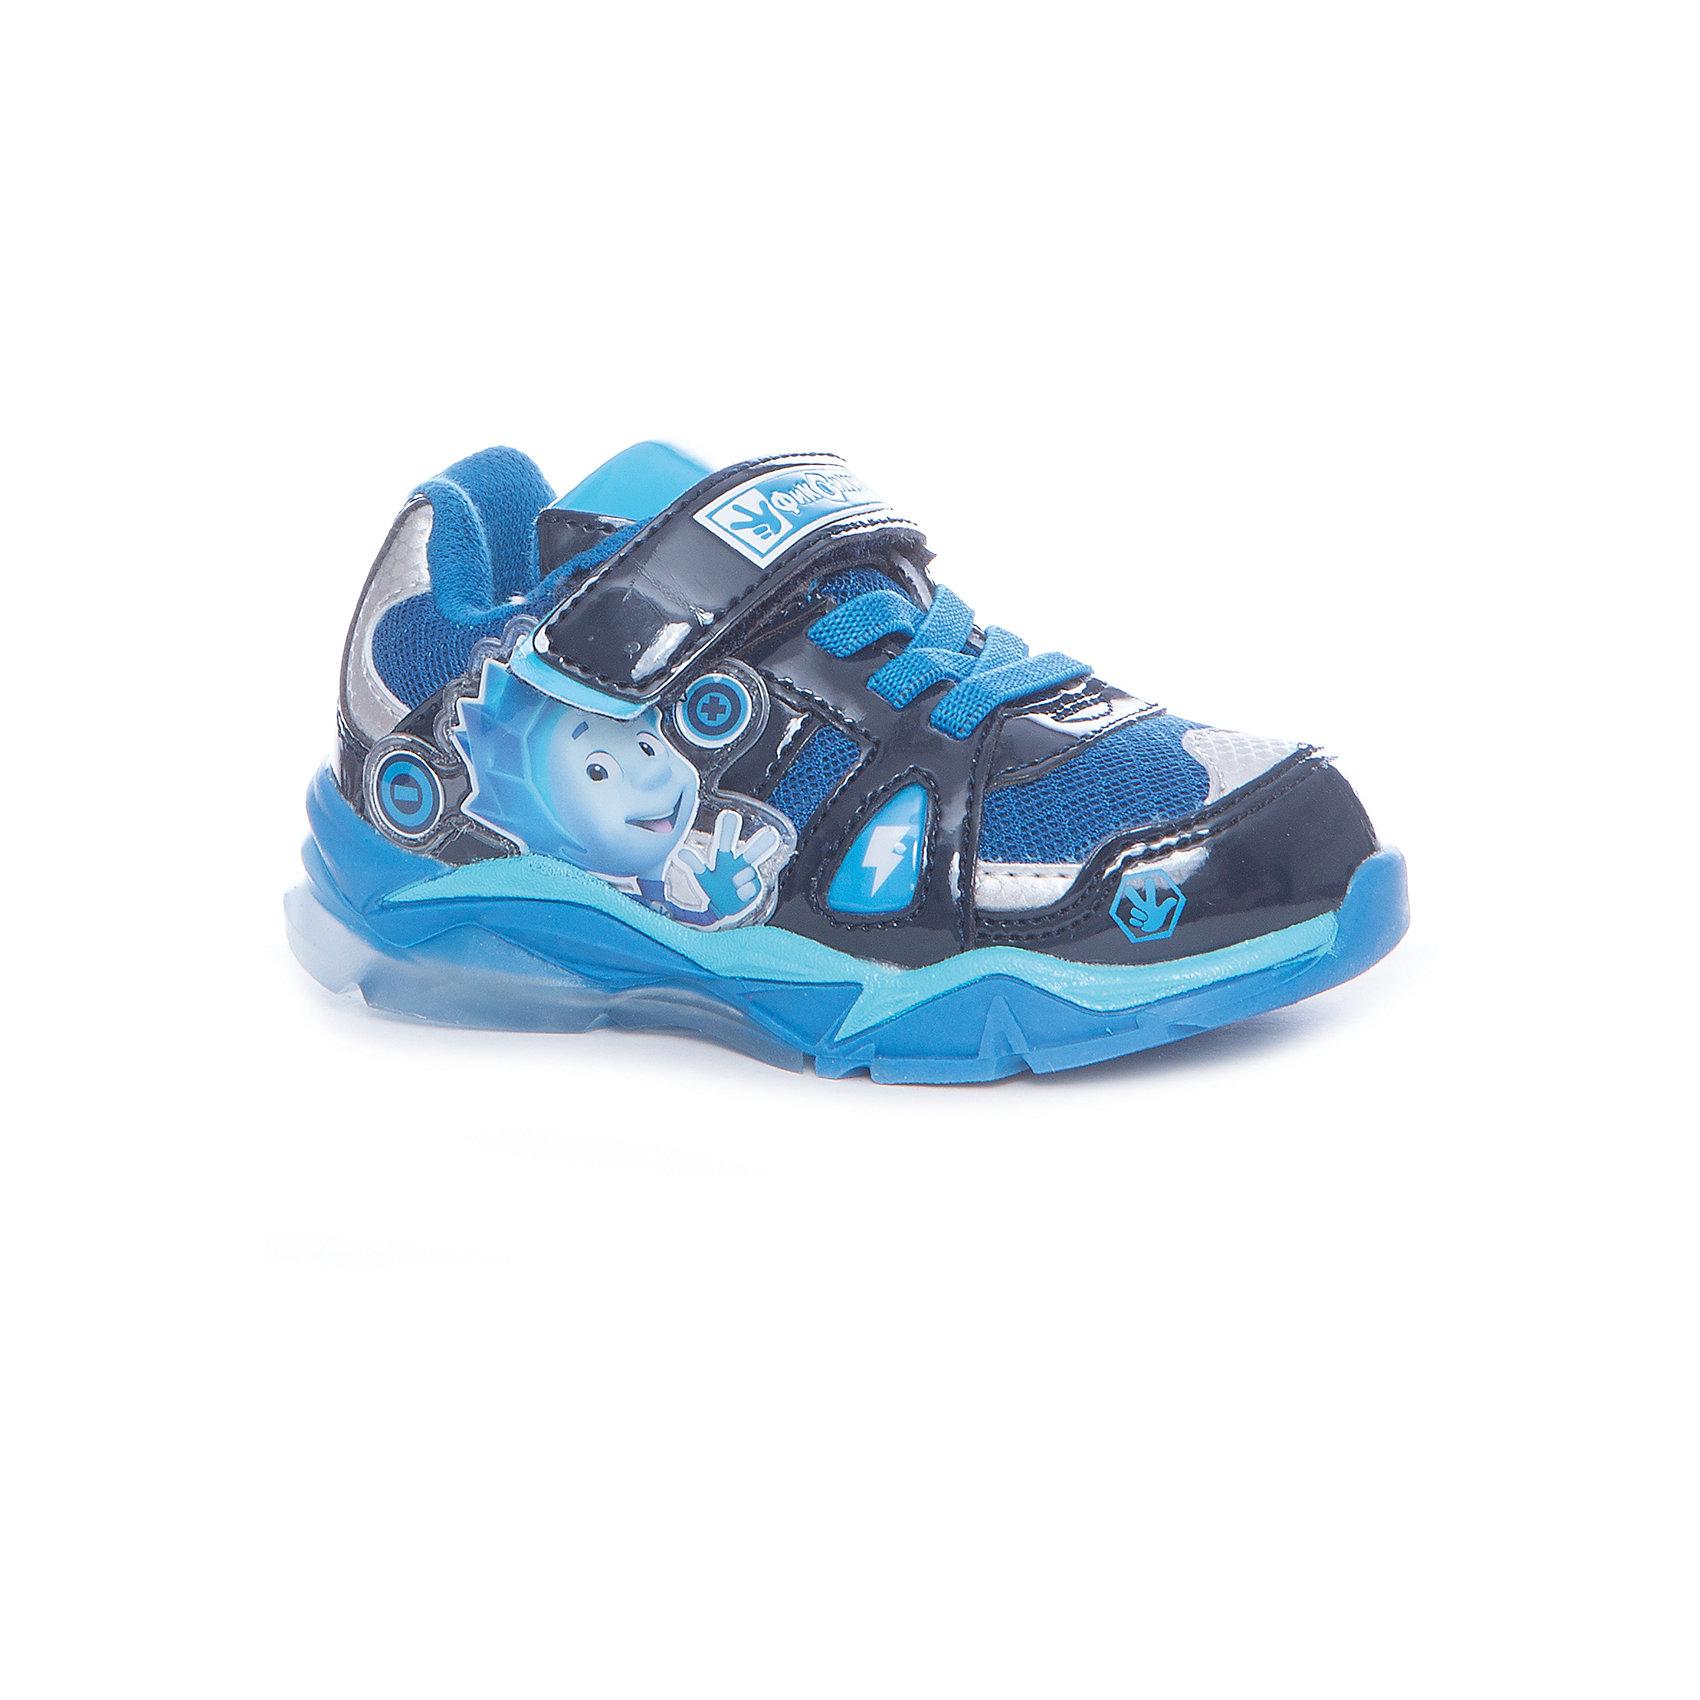 Кроссовки Fixiki для мальчика Kakadu, голубойКроссовки<br>Характеристики товара:<br><br>• цвет: голубой<br>• принт: фиксики<br>• внешний материал обуви: искуственная кожа, текстиль<br>• внутренний материал: текстиль<br>• стелька:текстиль (съемная)<br>• подошва: ТЭП<br>• вид обуви: спортивный стиль<br>• тип застежки: на липучке<br>• сезон: весна-осень<br>• температурный режим: от +10°до +20°С<br>• страна бренда: Россия<br>• страна изготовитель: Китай<br><br>Кроссовки со свектодиодной подсветкой для мальчиков Fixiki бренда Какаду будут радовать ребенка во время прогулок. Они созданы из качественных сертифицированных материалов. <br><br>Подкладка из натурального хлопка обеспечивает воздухообмен и комфортный микроклимат вне зависимости от погоды. Подошва из термопластичной резины кроме хорошей амортизации обладает влагоотталкивающими свойствами. <br><br>Кроссовки для мальчика KAKADU можно купить в нашем интернет-магазине.<br><br>Ширина мм: 262<br>Глубина мм: 176<br>Высота мм: 97<br>Вес г: 427<br>Цвет: синий<br>Возраст от месяцев: 21<br>Возраст до месяцев: 24<br>Пол: Мужской<br>Возраст: Детский<br>Размер: 24,29,28,27,26,25<br>SKU: 5386461